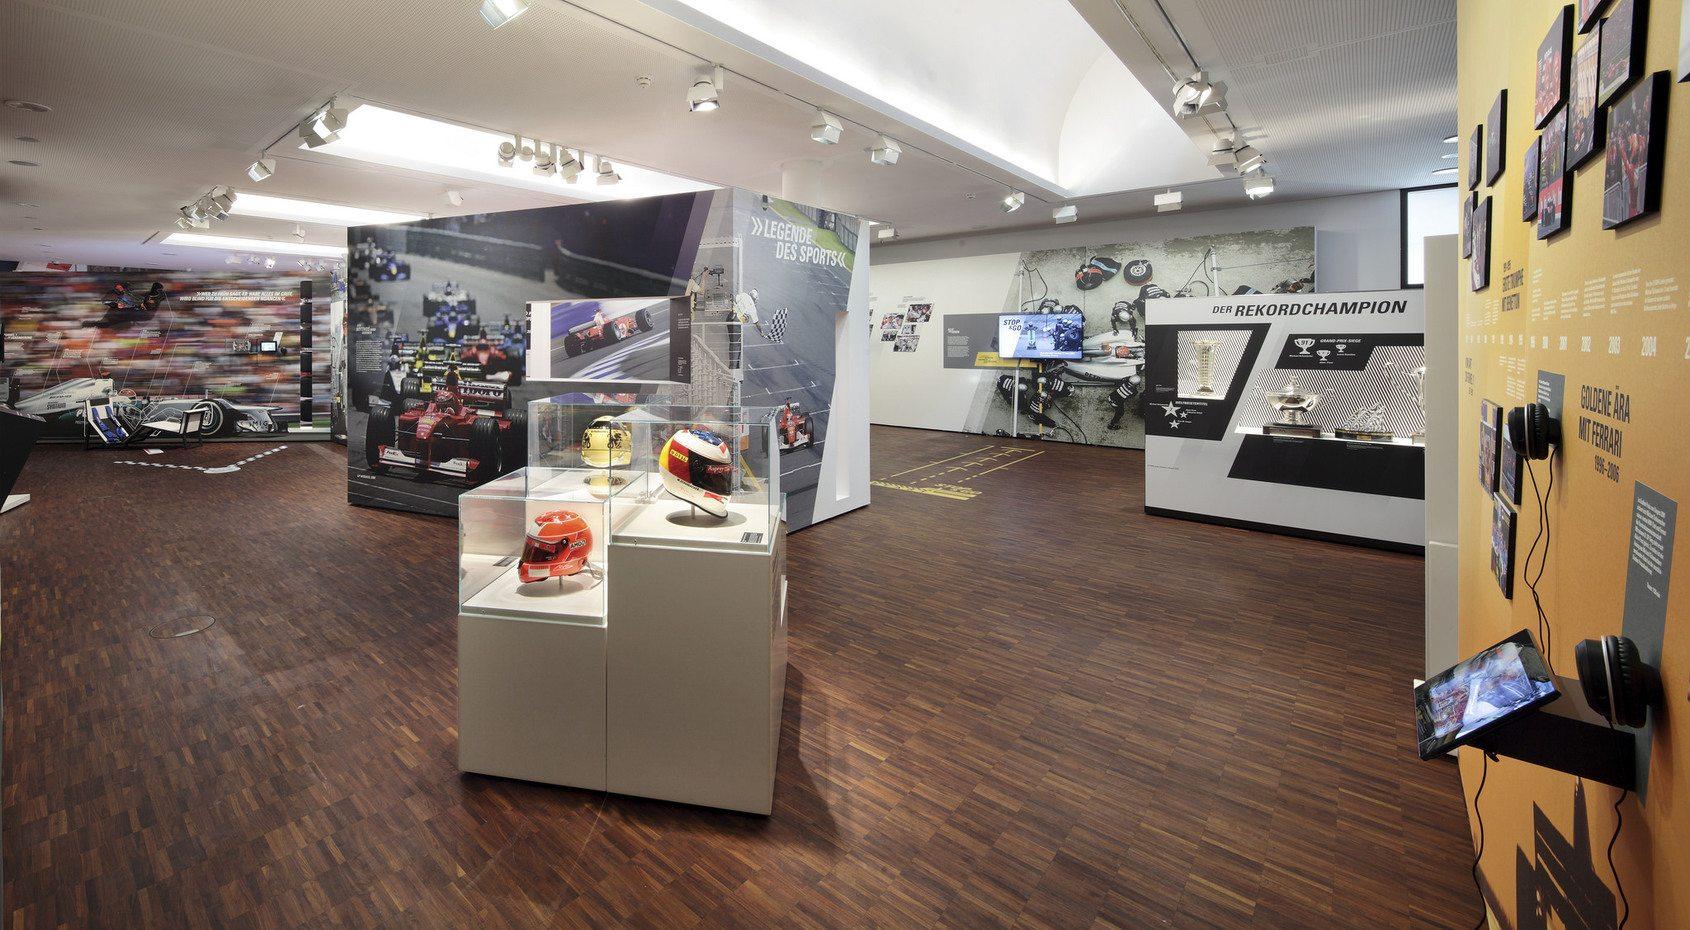 A Michael Schumacherről nyílt kiállítás (Fotó: Deutsche Vermögensberatung)